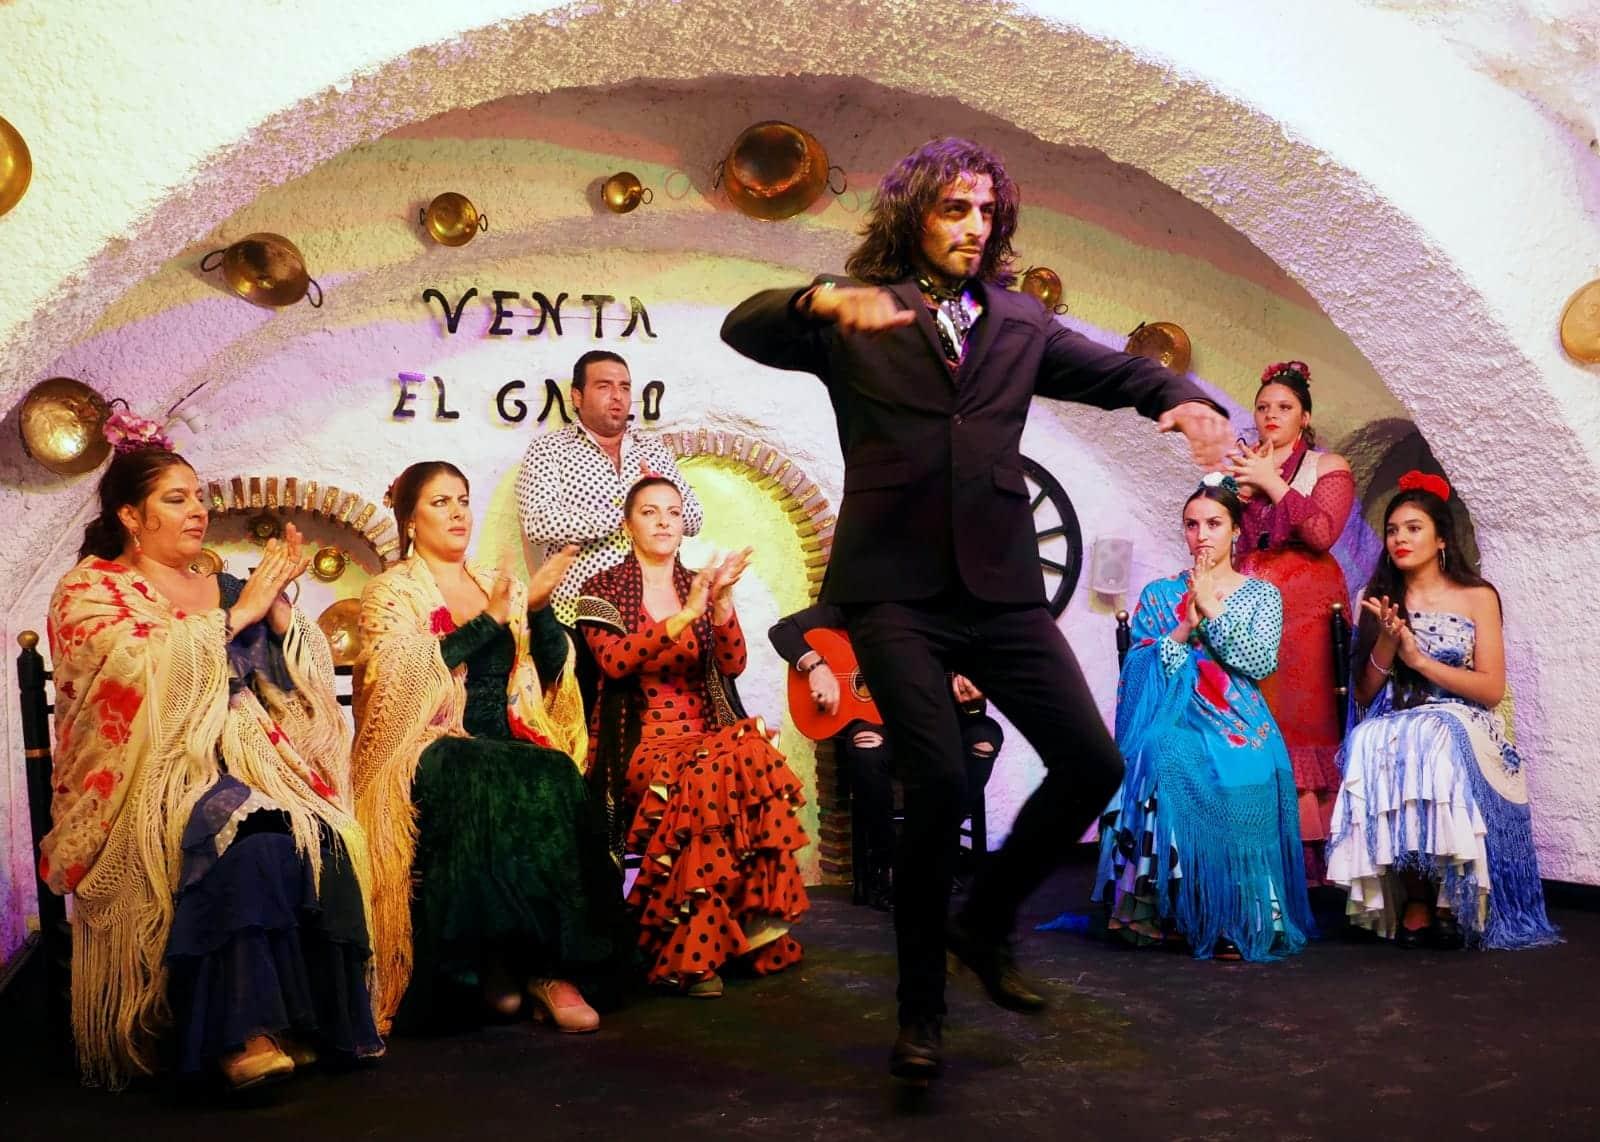 Cuadro Flamenco Venta El Gallo